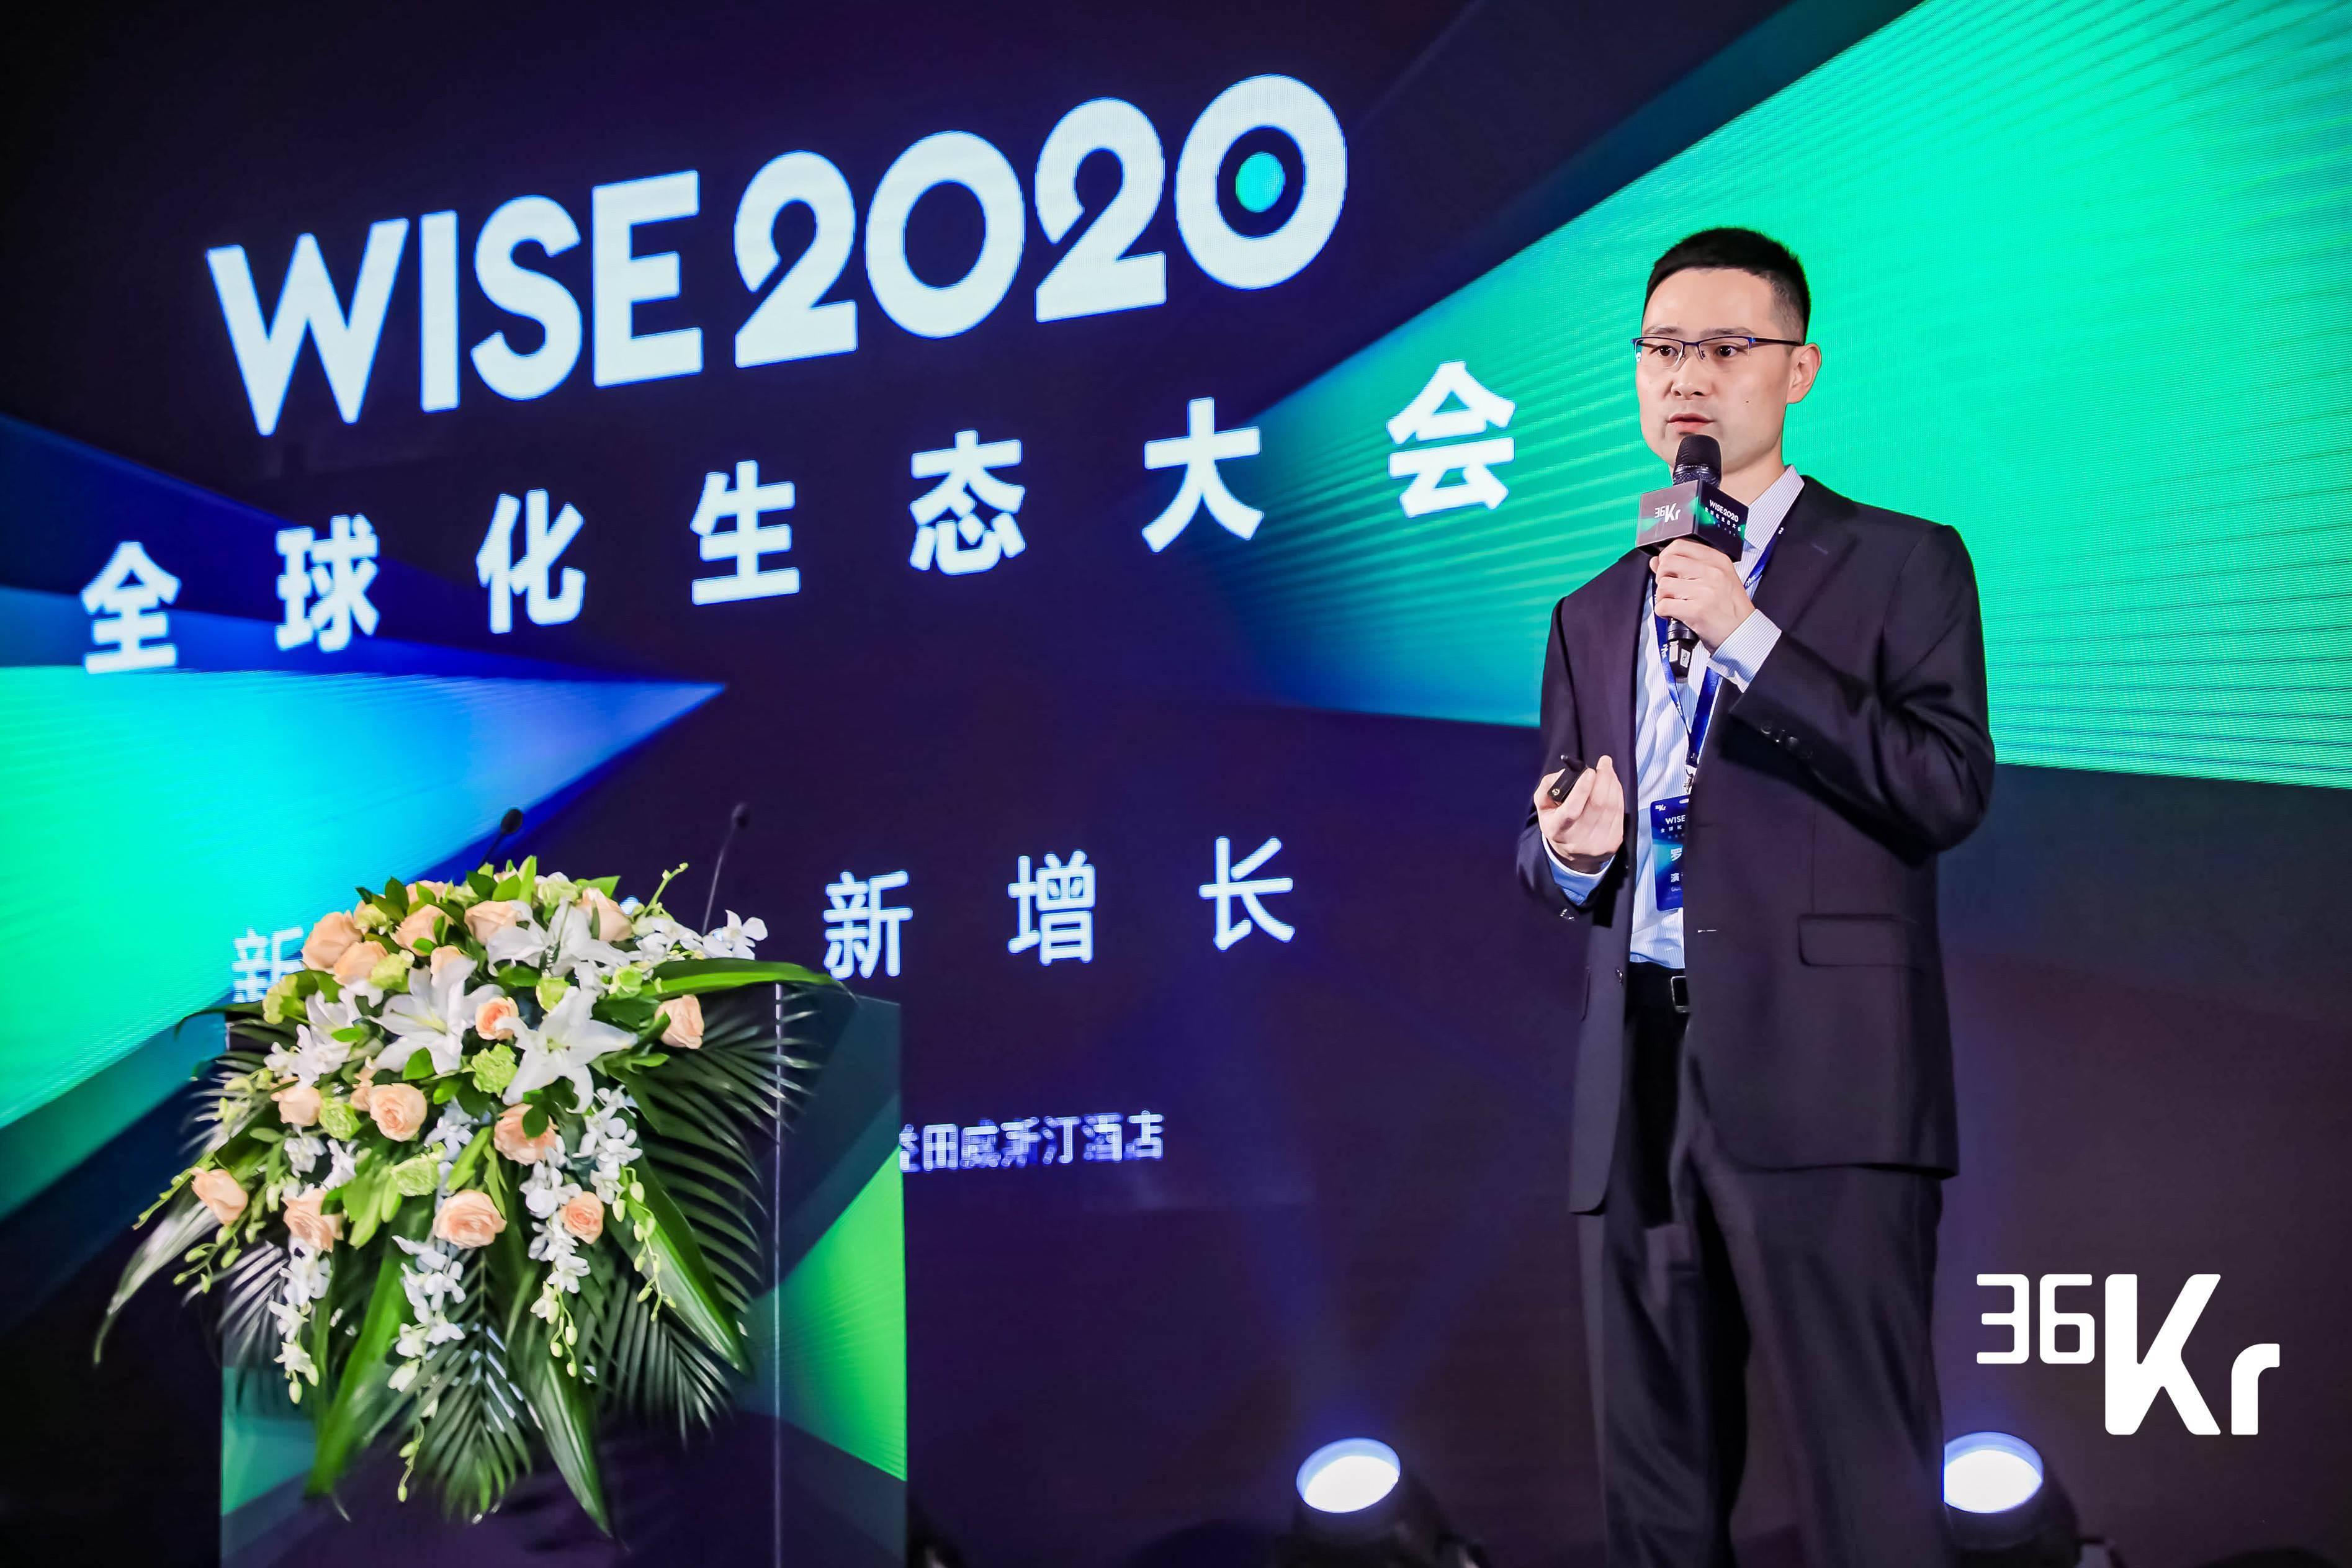 涂鸦智能罗志军:物联网产业的智能化、数字化和在线化    WISE2020 全球化生态大会